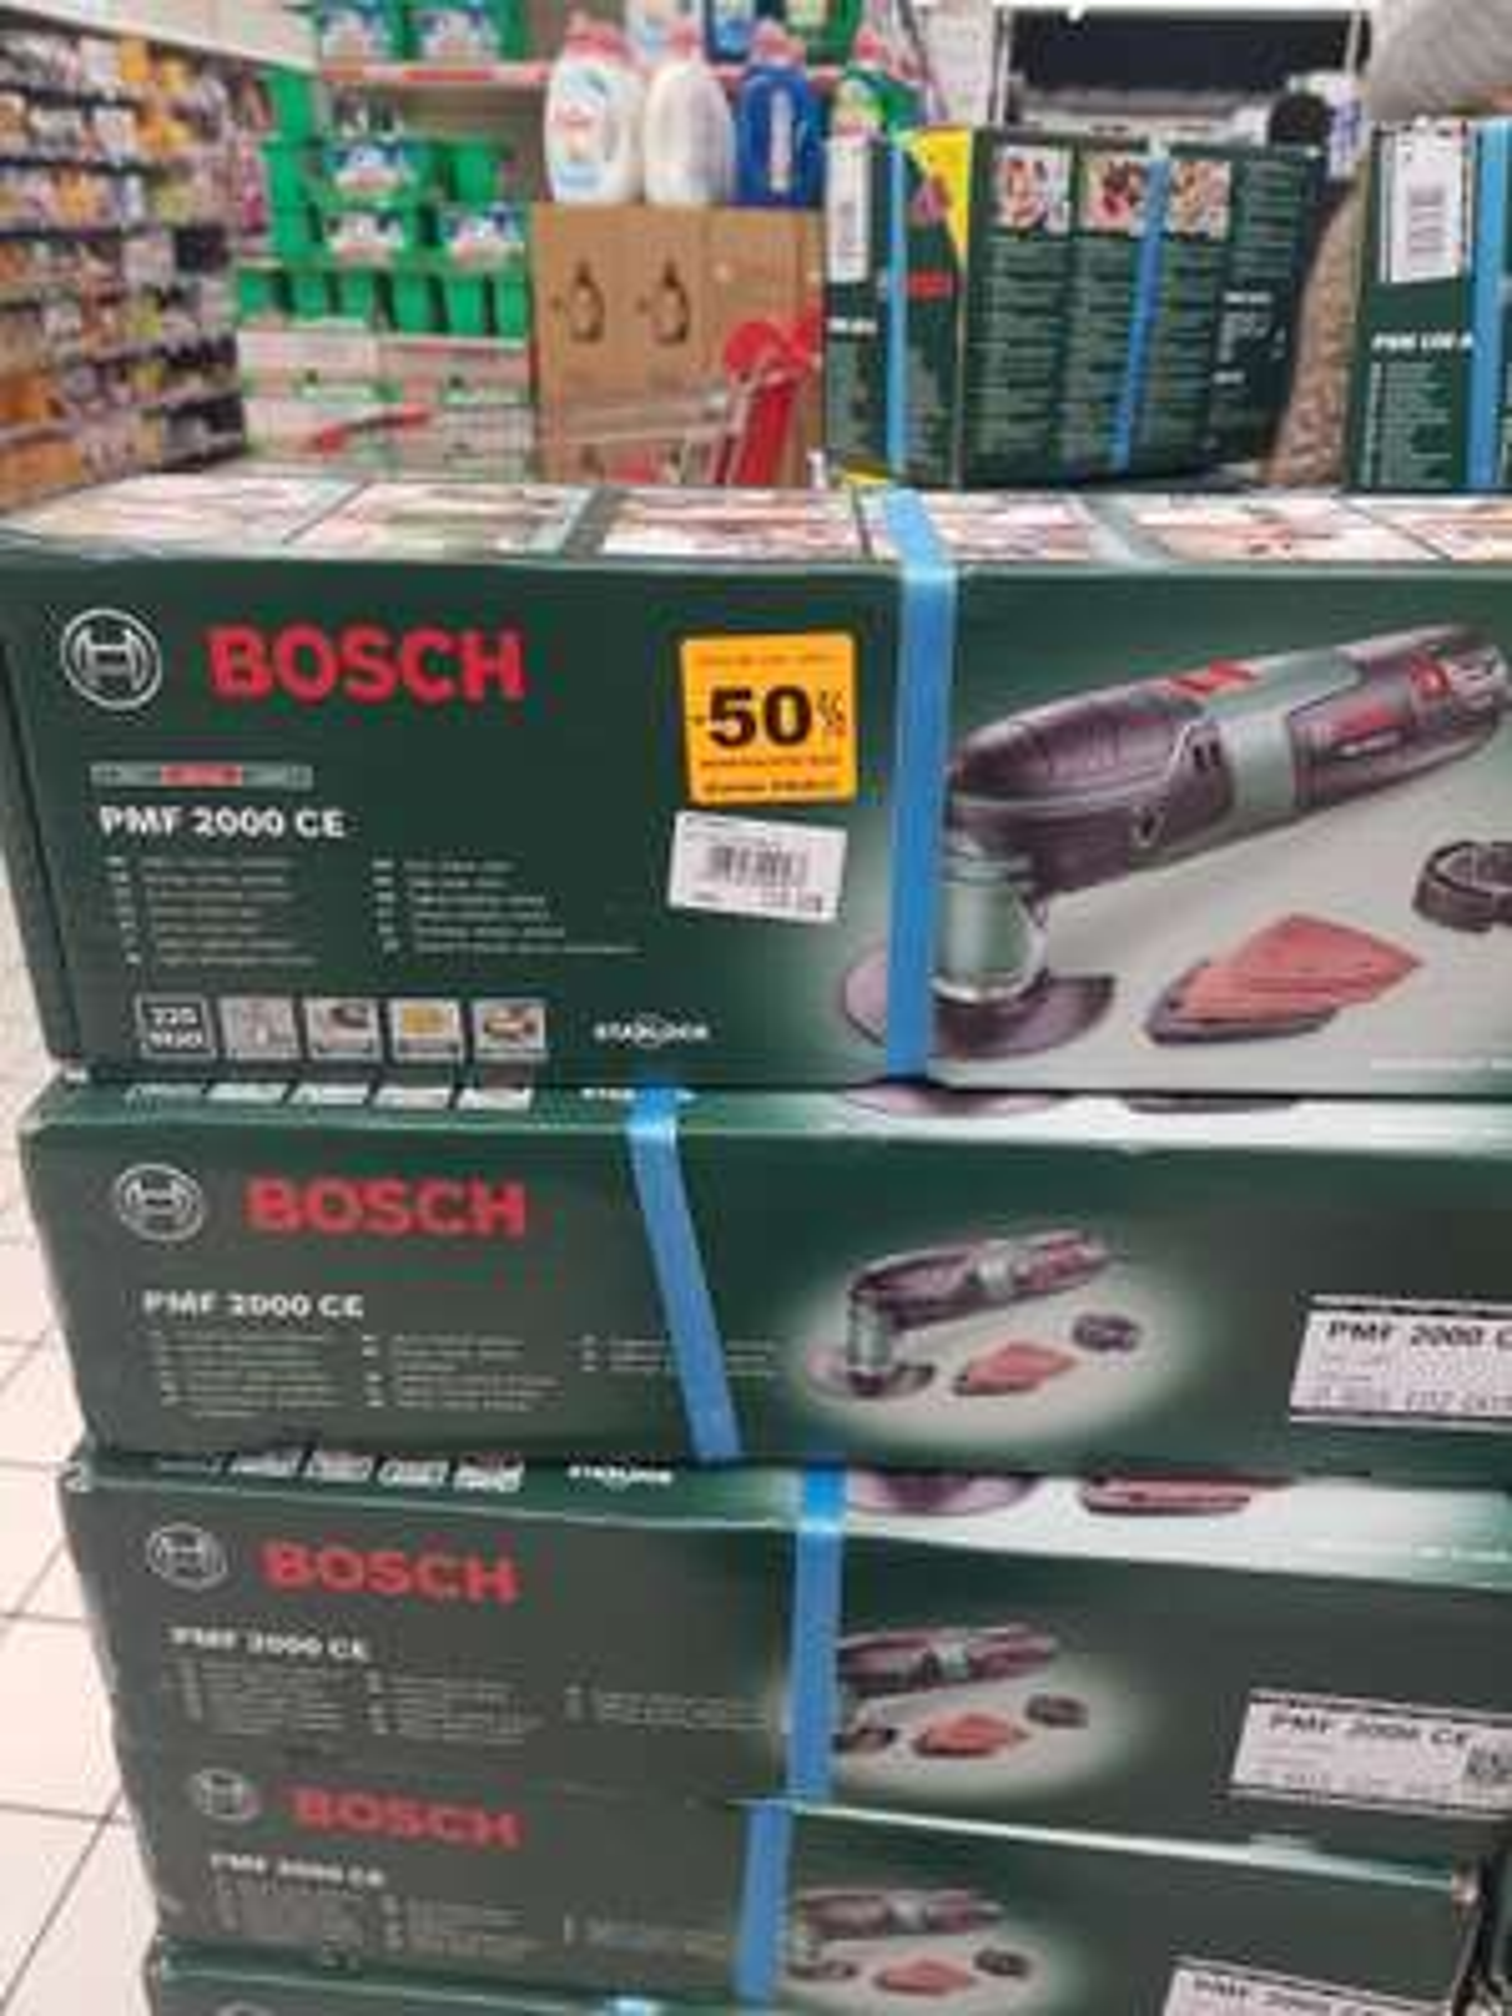 Outil multifonction filaire Bosch PMF 220 CE (220W, livré avec accessoires, interface Starlock) - Villebon-sur-Yvette (91)